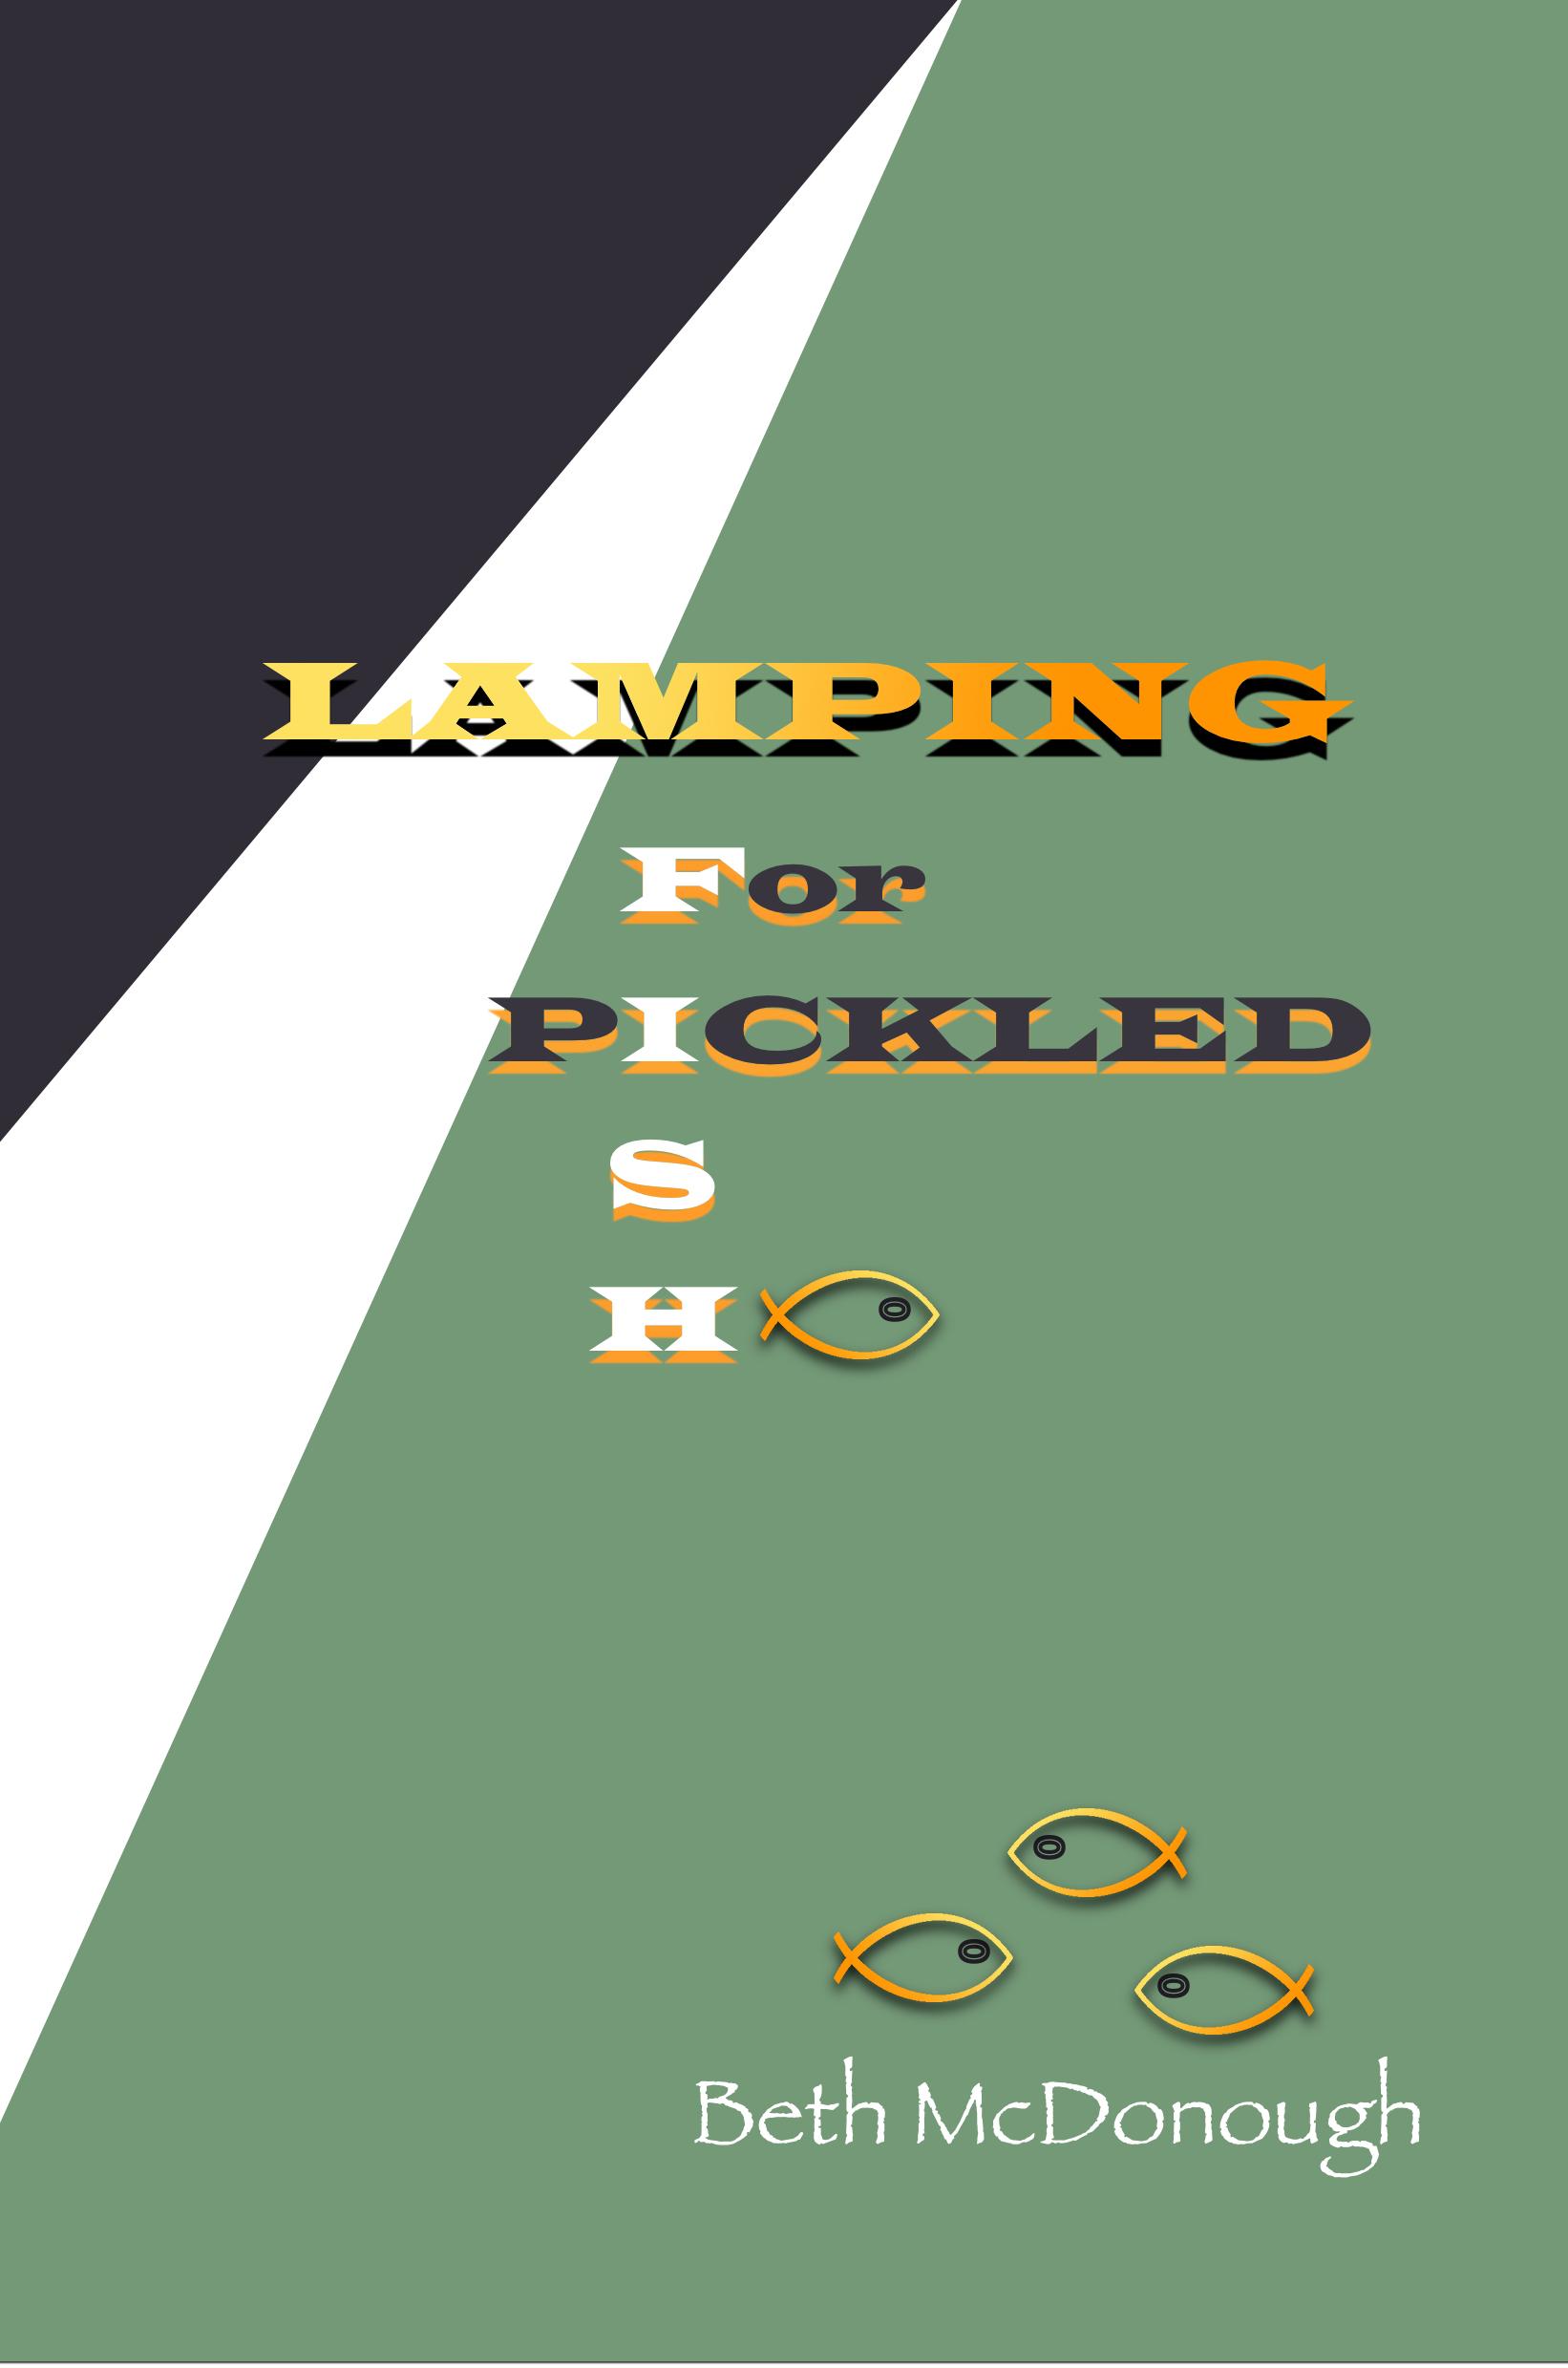 LampingForPickledFish cover